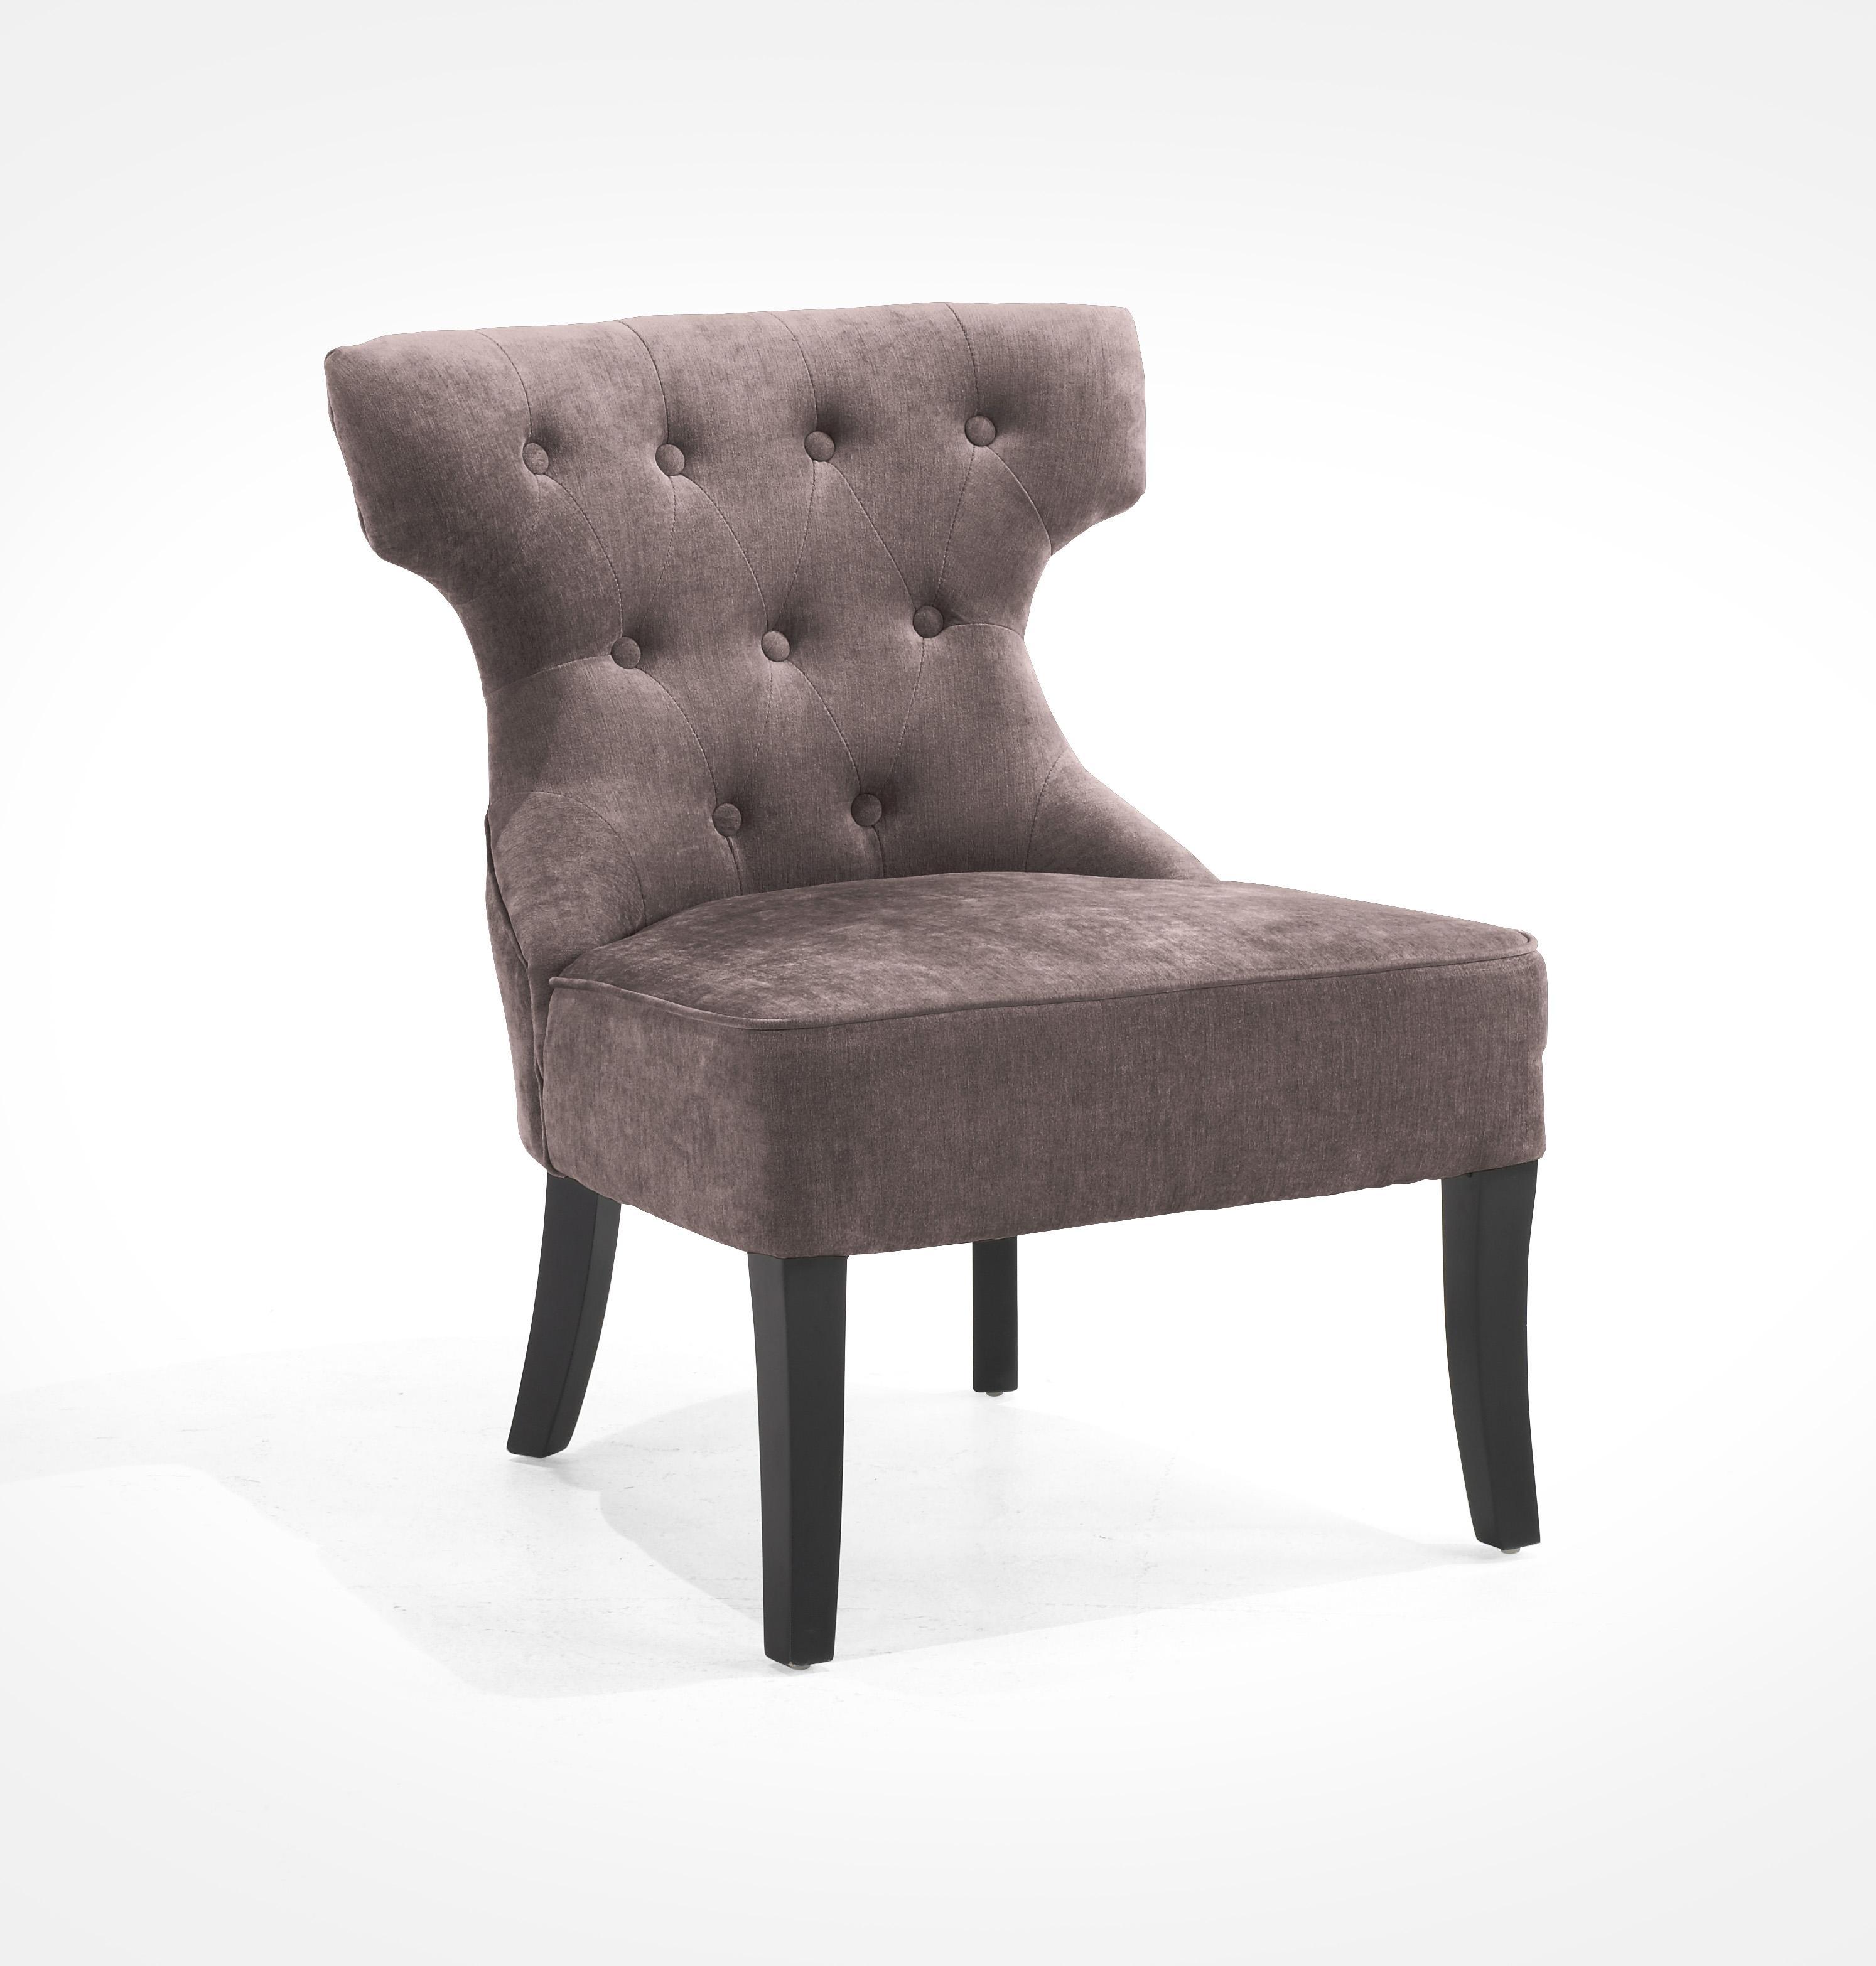 Wisteria Chenille Accent Chair